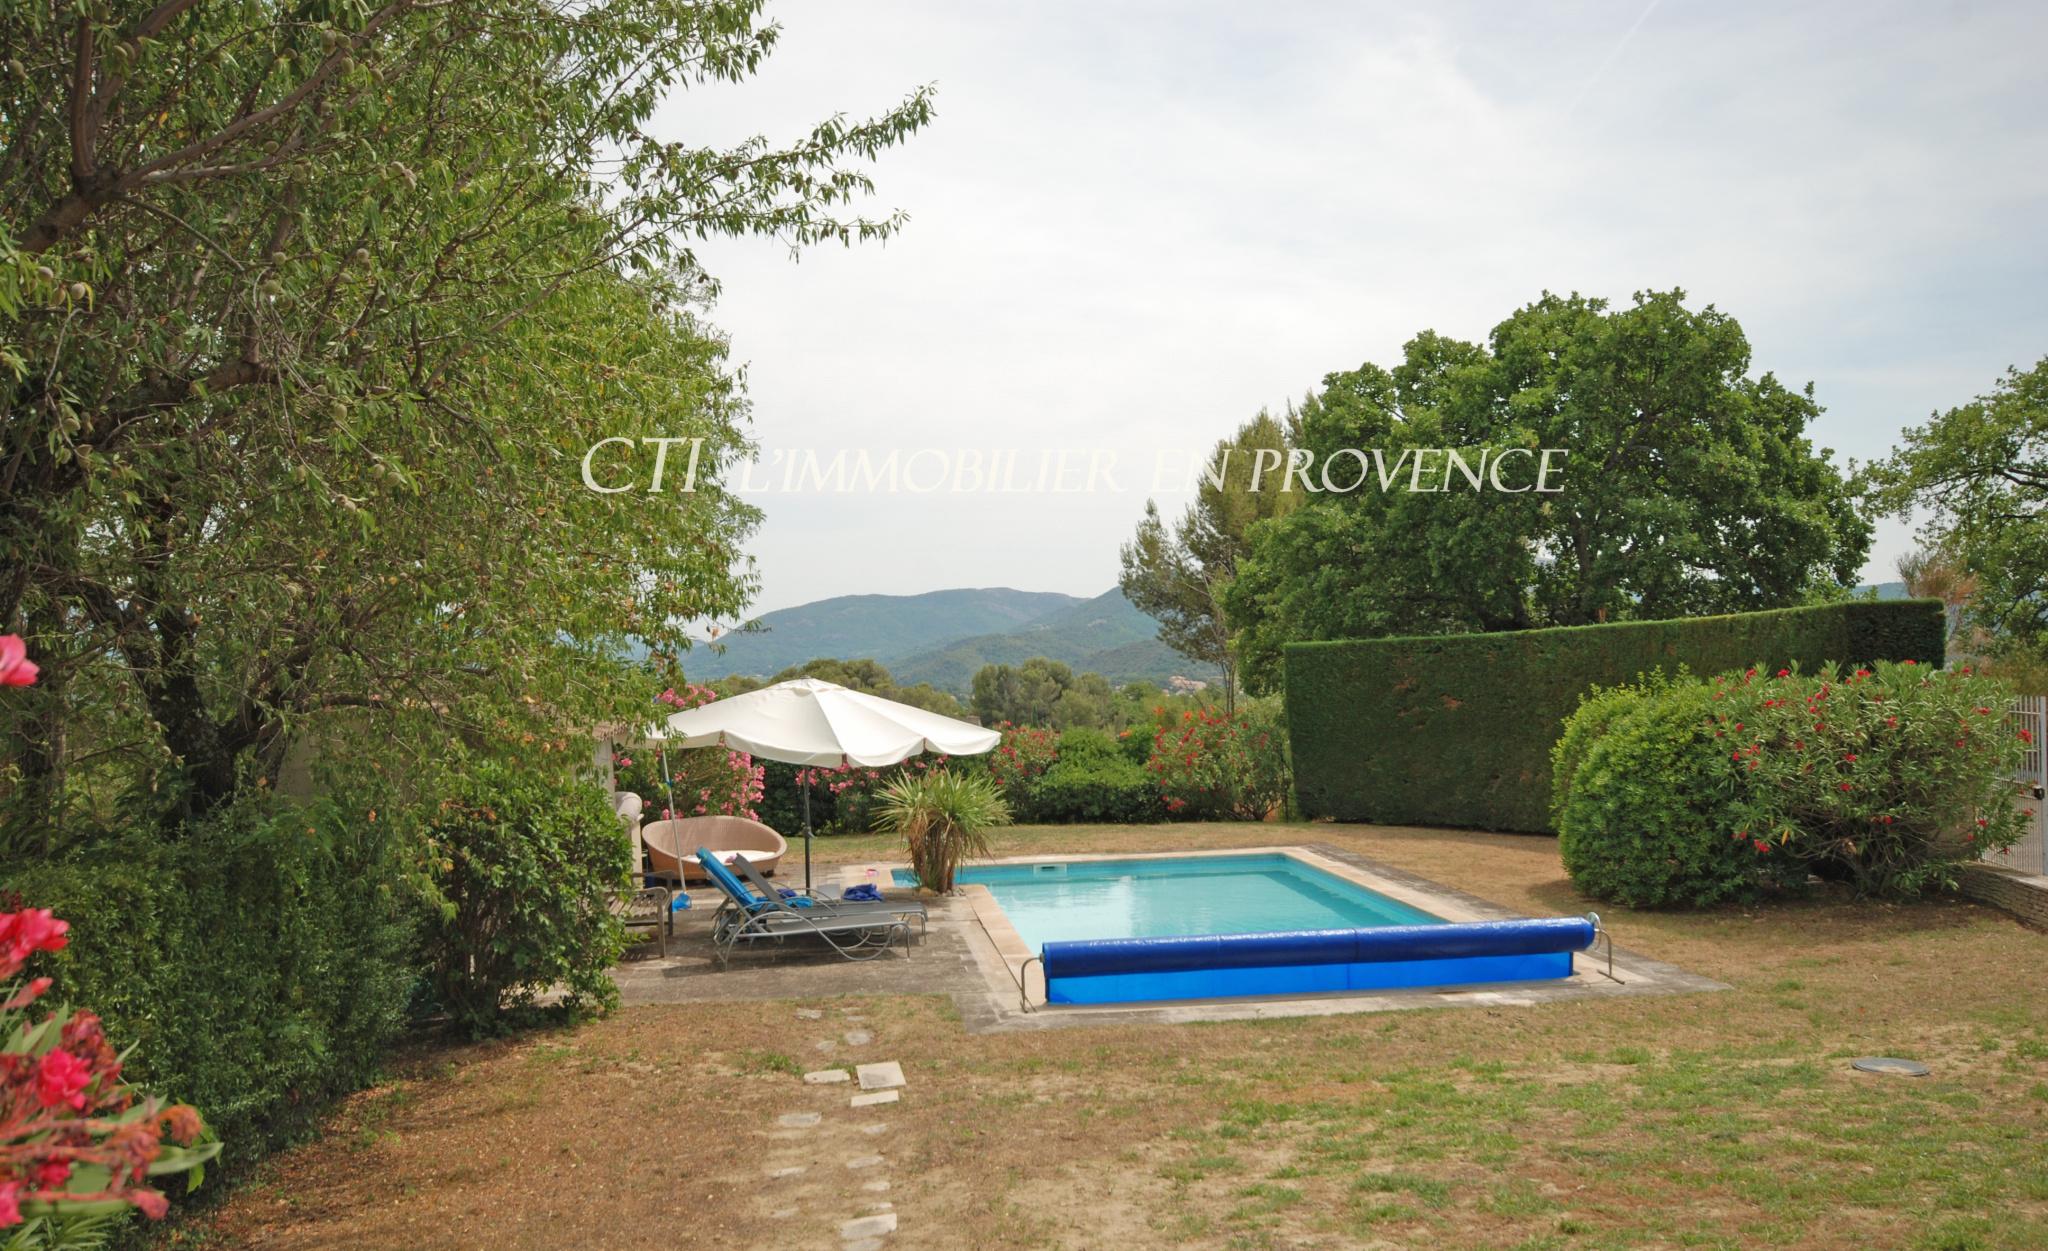 0 www.cti-provence.net, vente mas provençal en position dominante sur Vaison la romaine, piscine